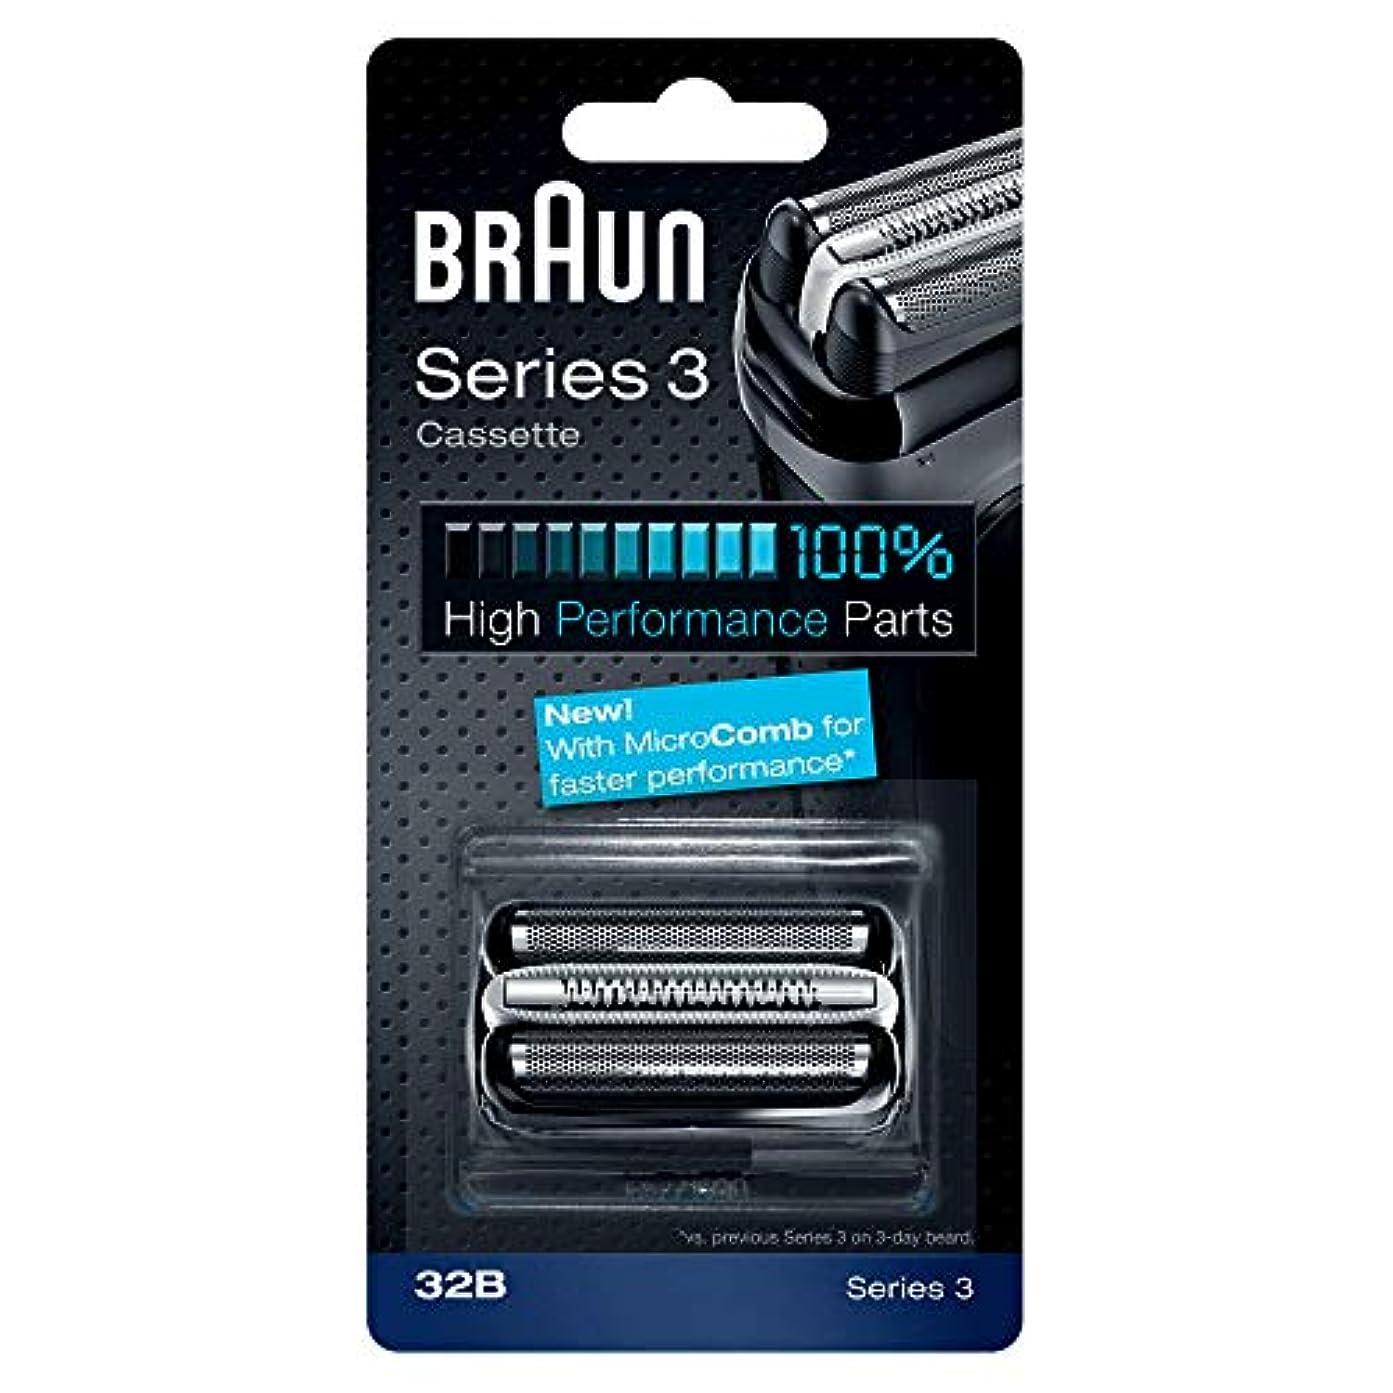 忙しい適用する広々BRAUN 32B Series 3 Shaver Cassette MicroComb交換ヘッドをフォイルカッター& [並行輸入品]